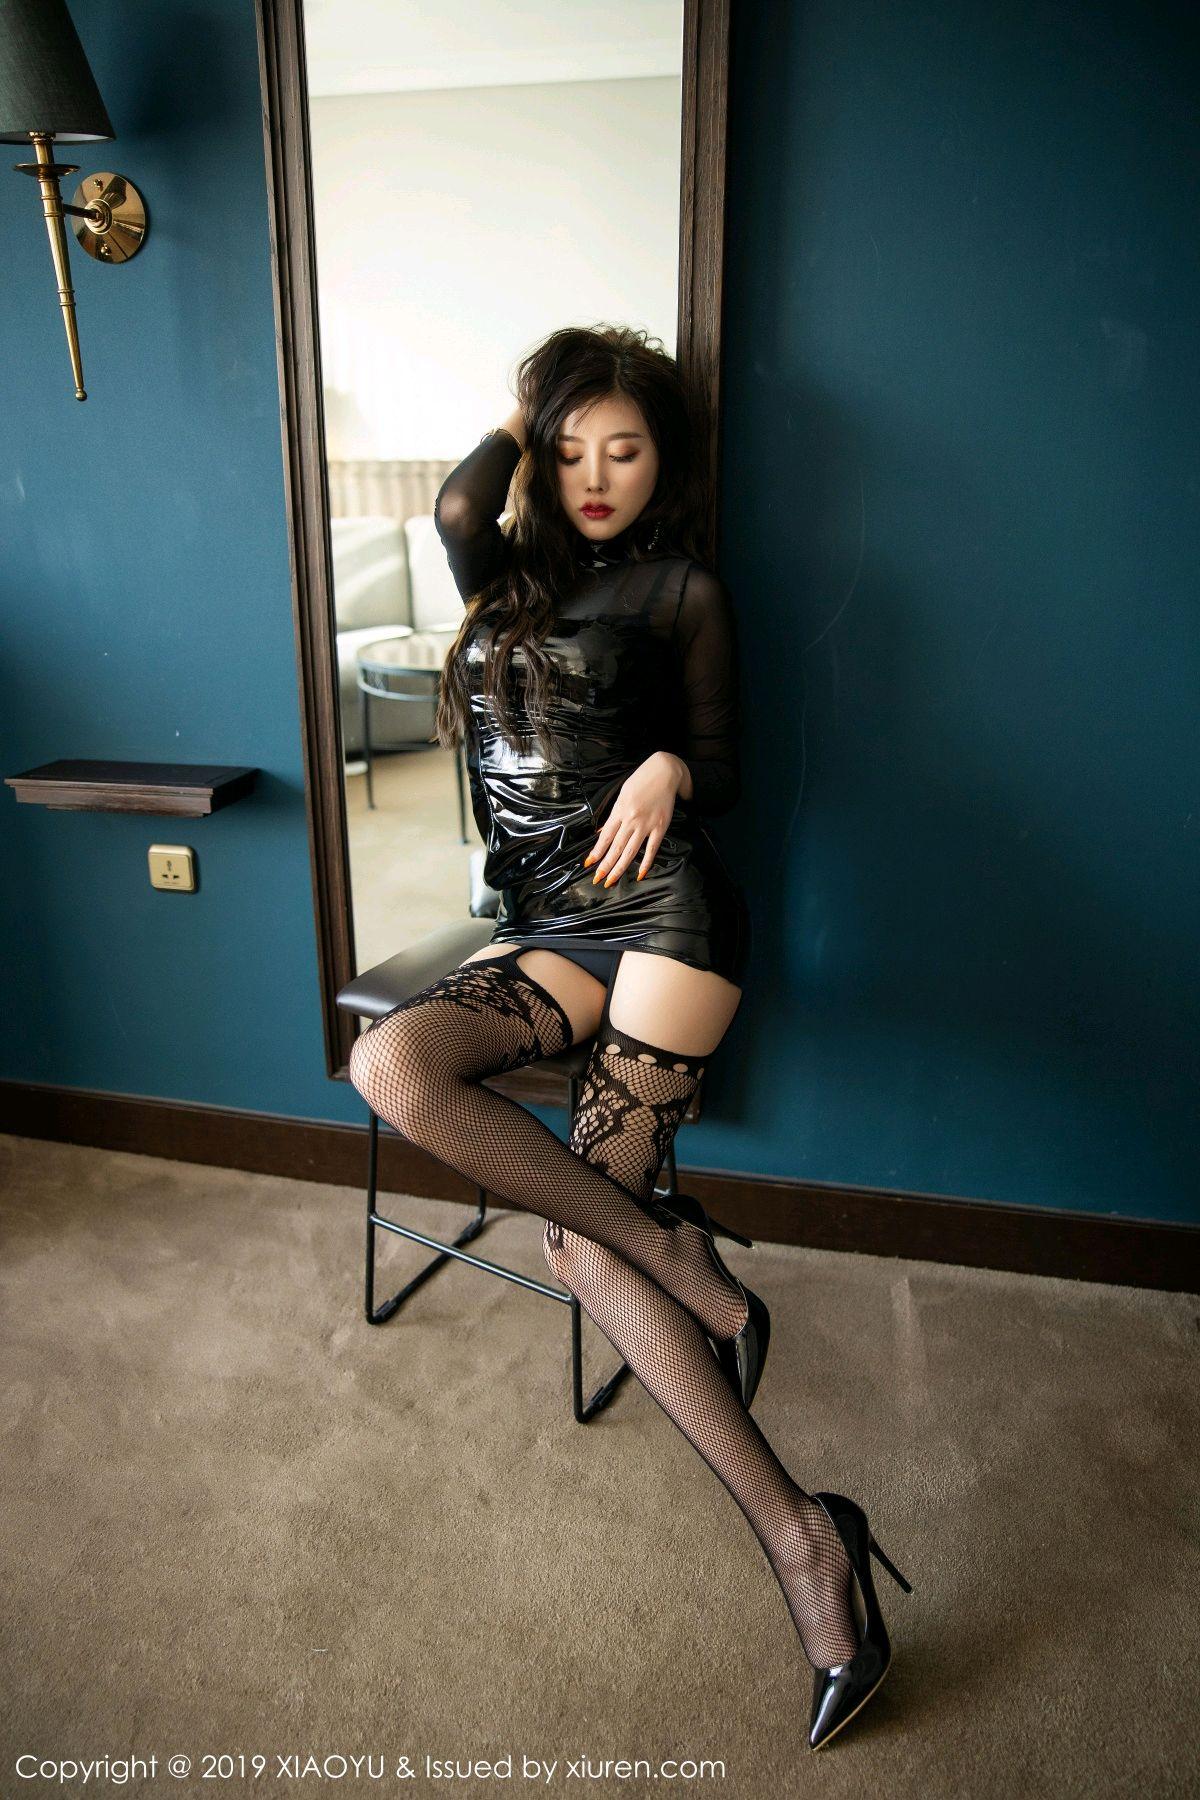 [XiaoYu] Vol.199 Yang Chen Chen 34P, Black Silk, Underwear, XiaoYu, Yang Chen Chen